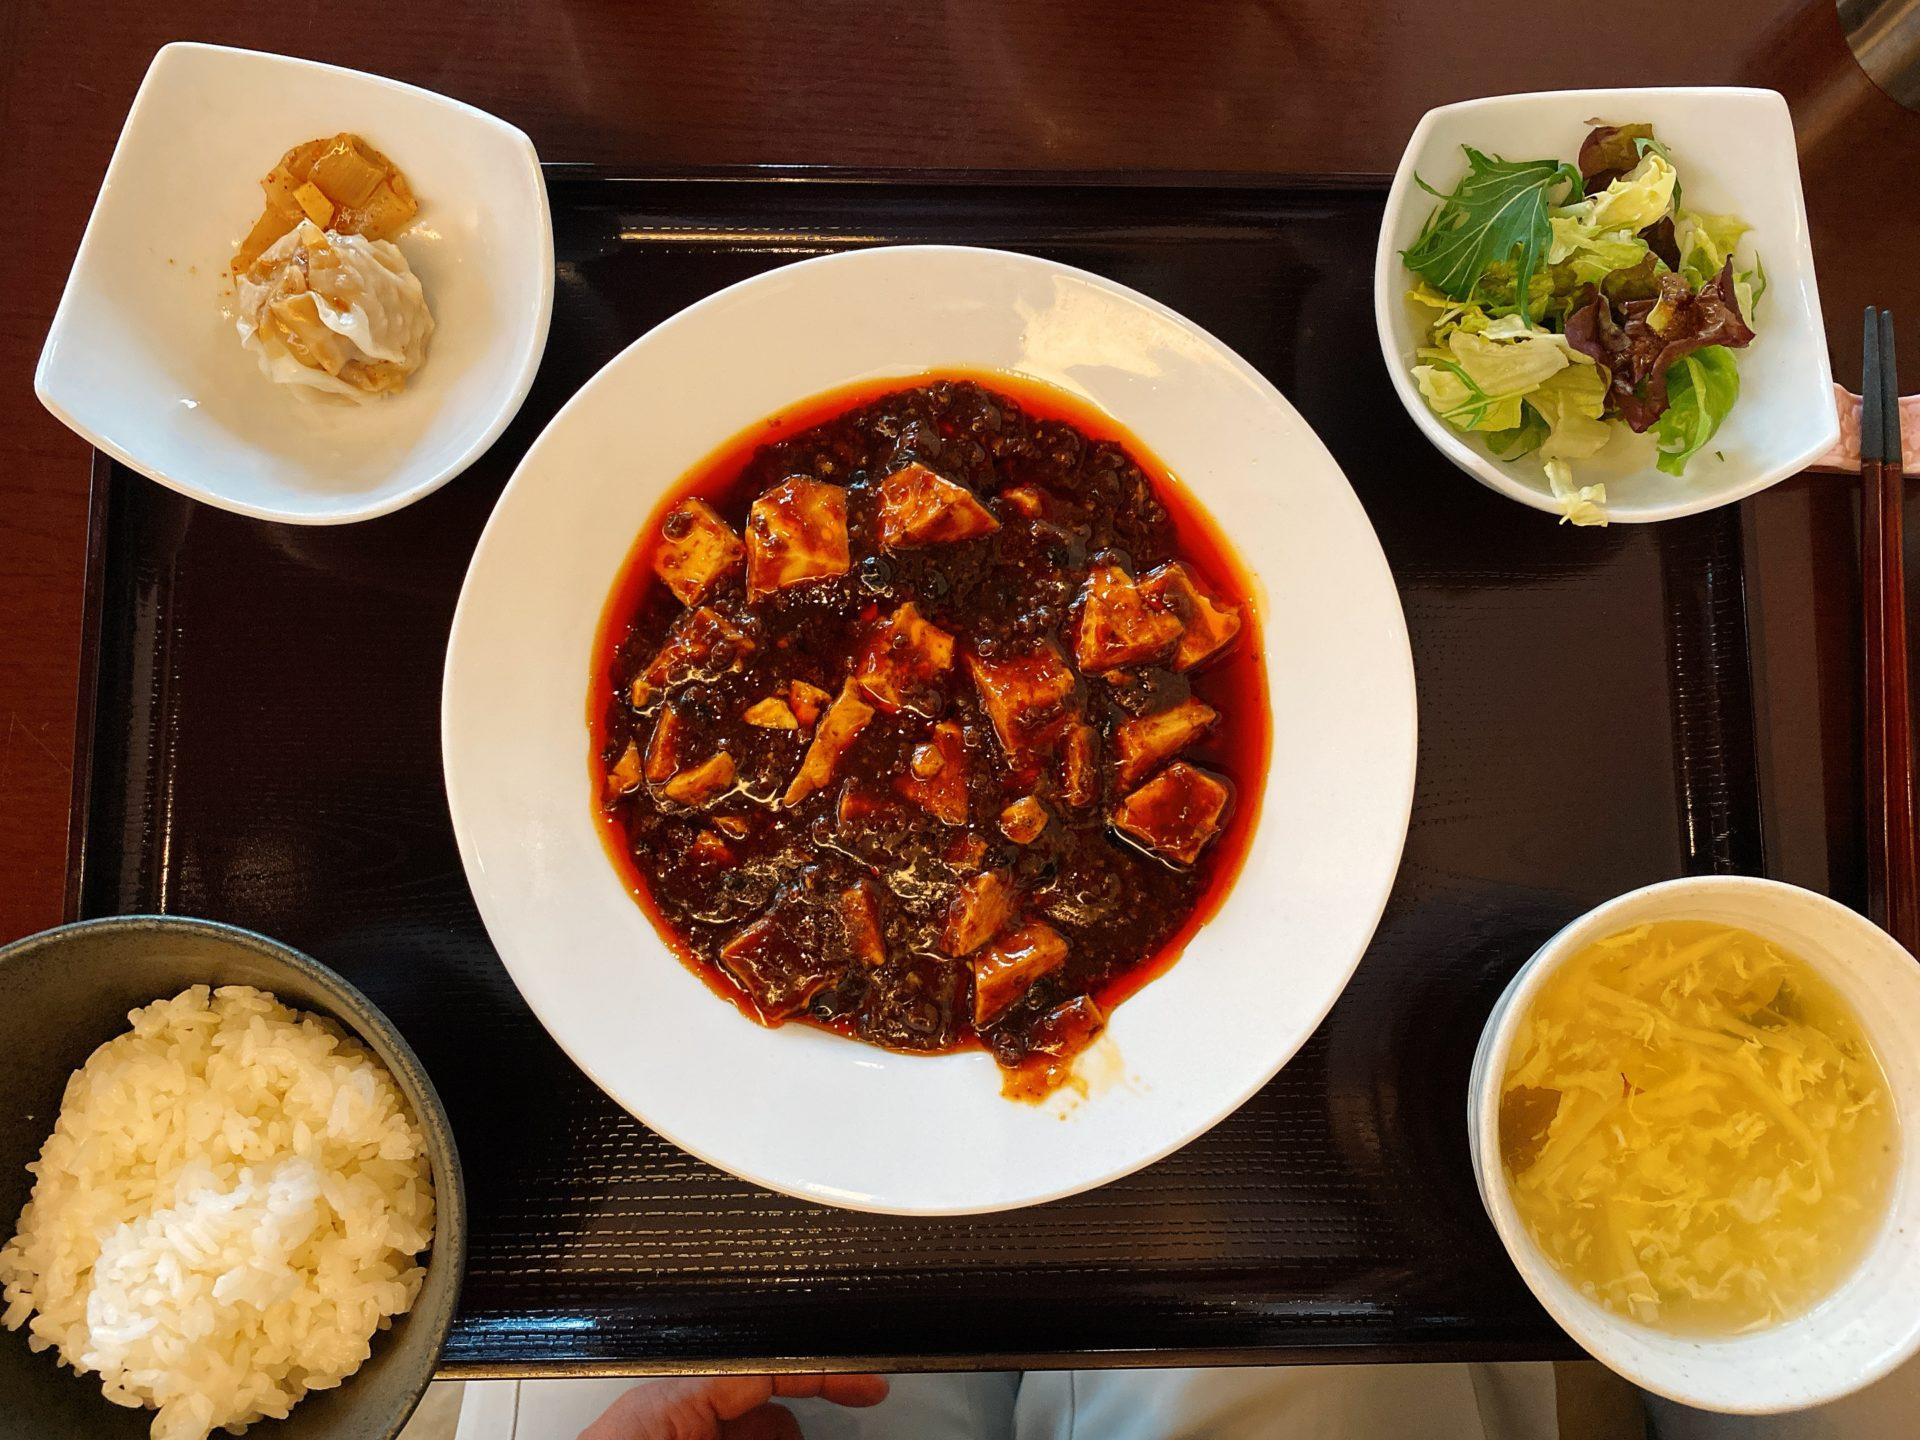 岡山駅から車で5分 桃の華で頂く本格中国料理!ランチで食べた麻婆豆腐は絶品で、辛さと旨さは一度食べるとクセになる!